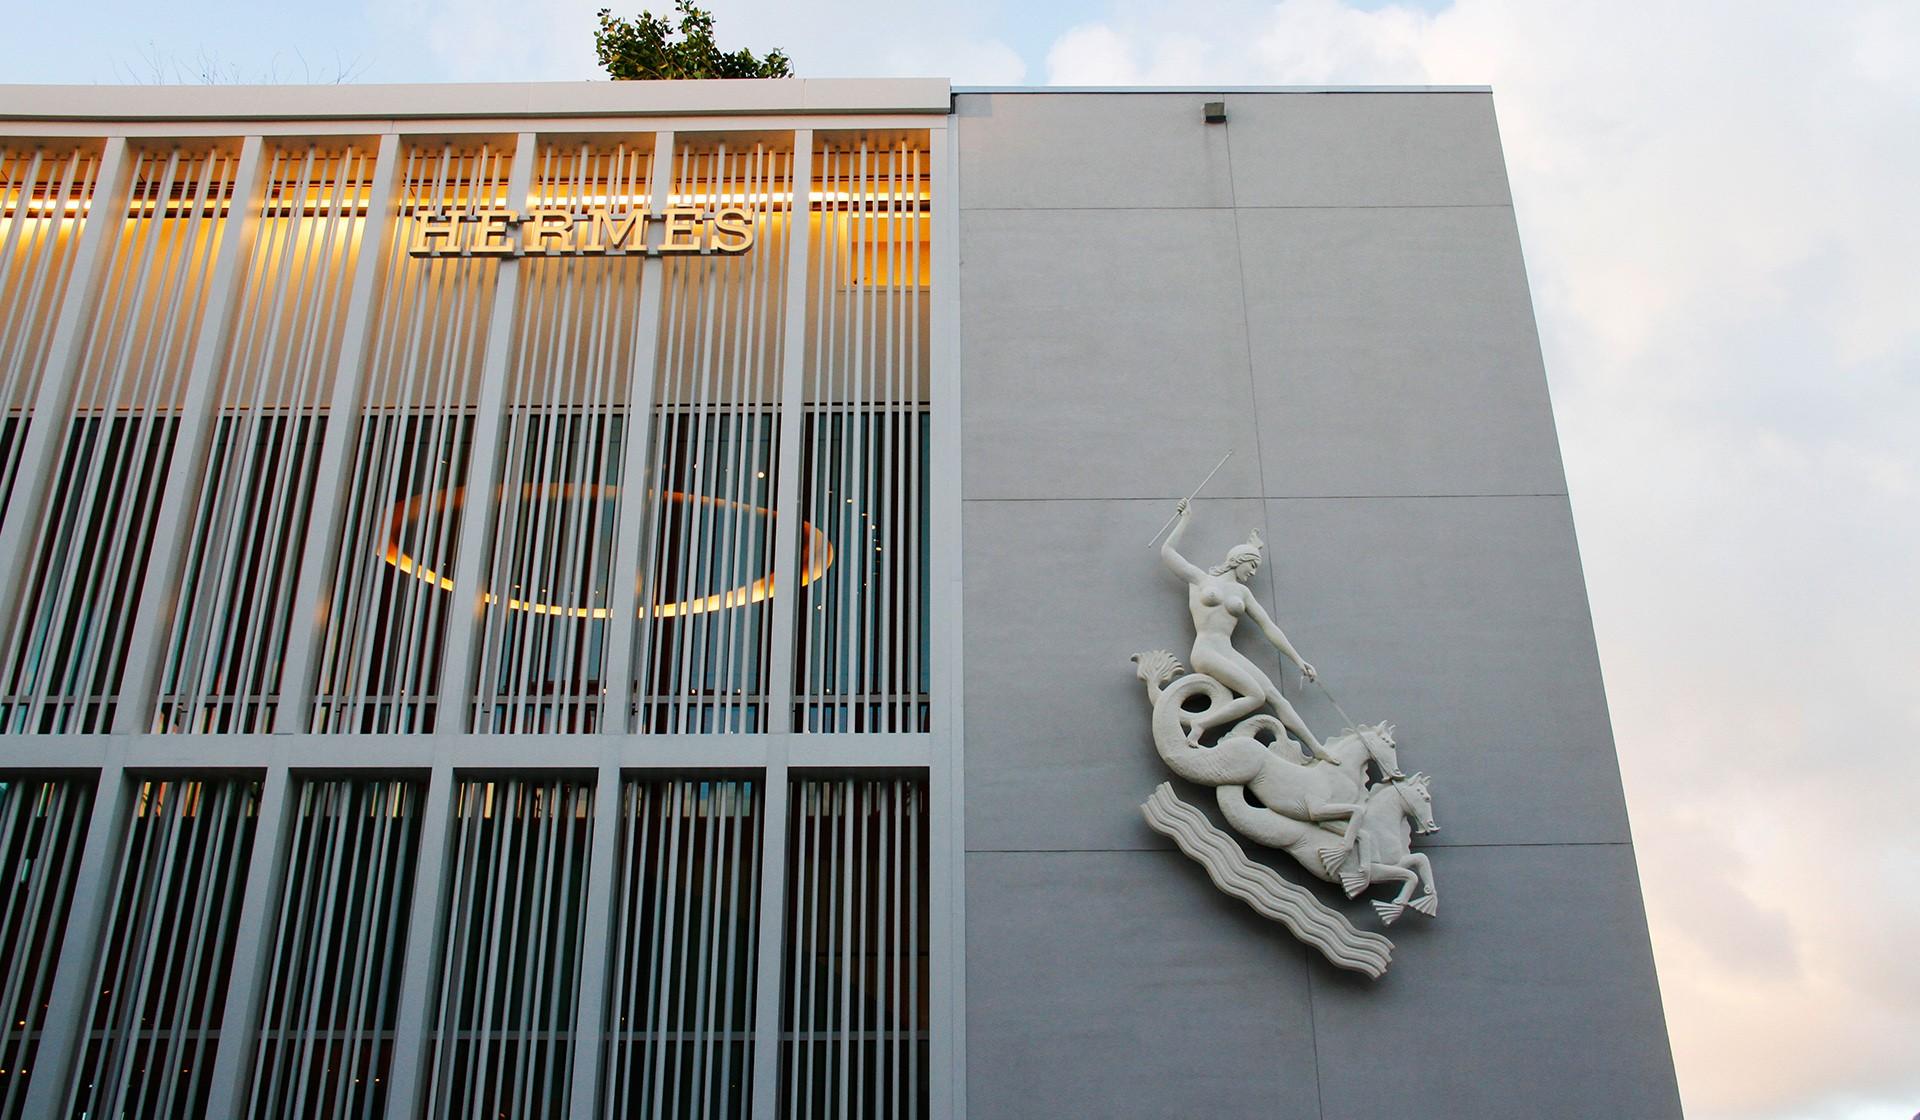 Hermes Store In Miami Florida Miami Design District